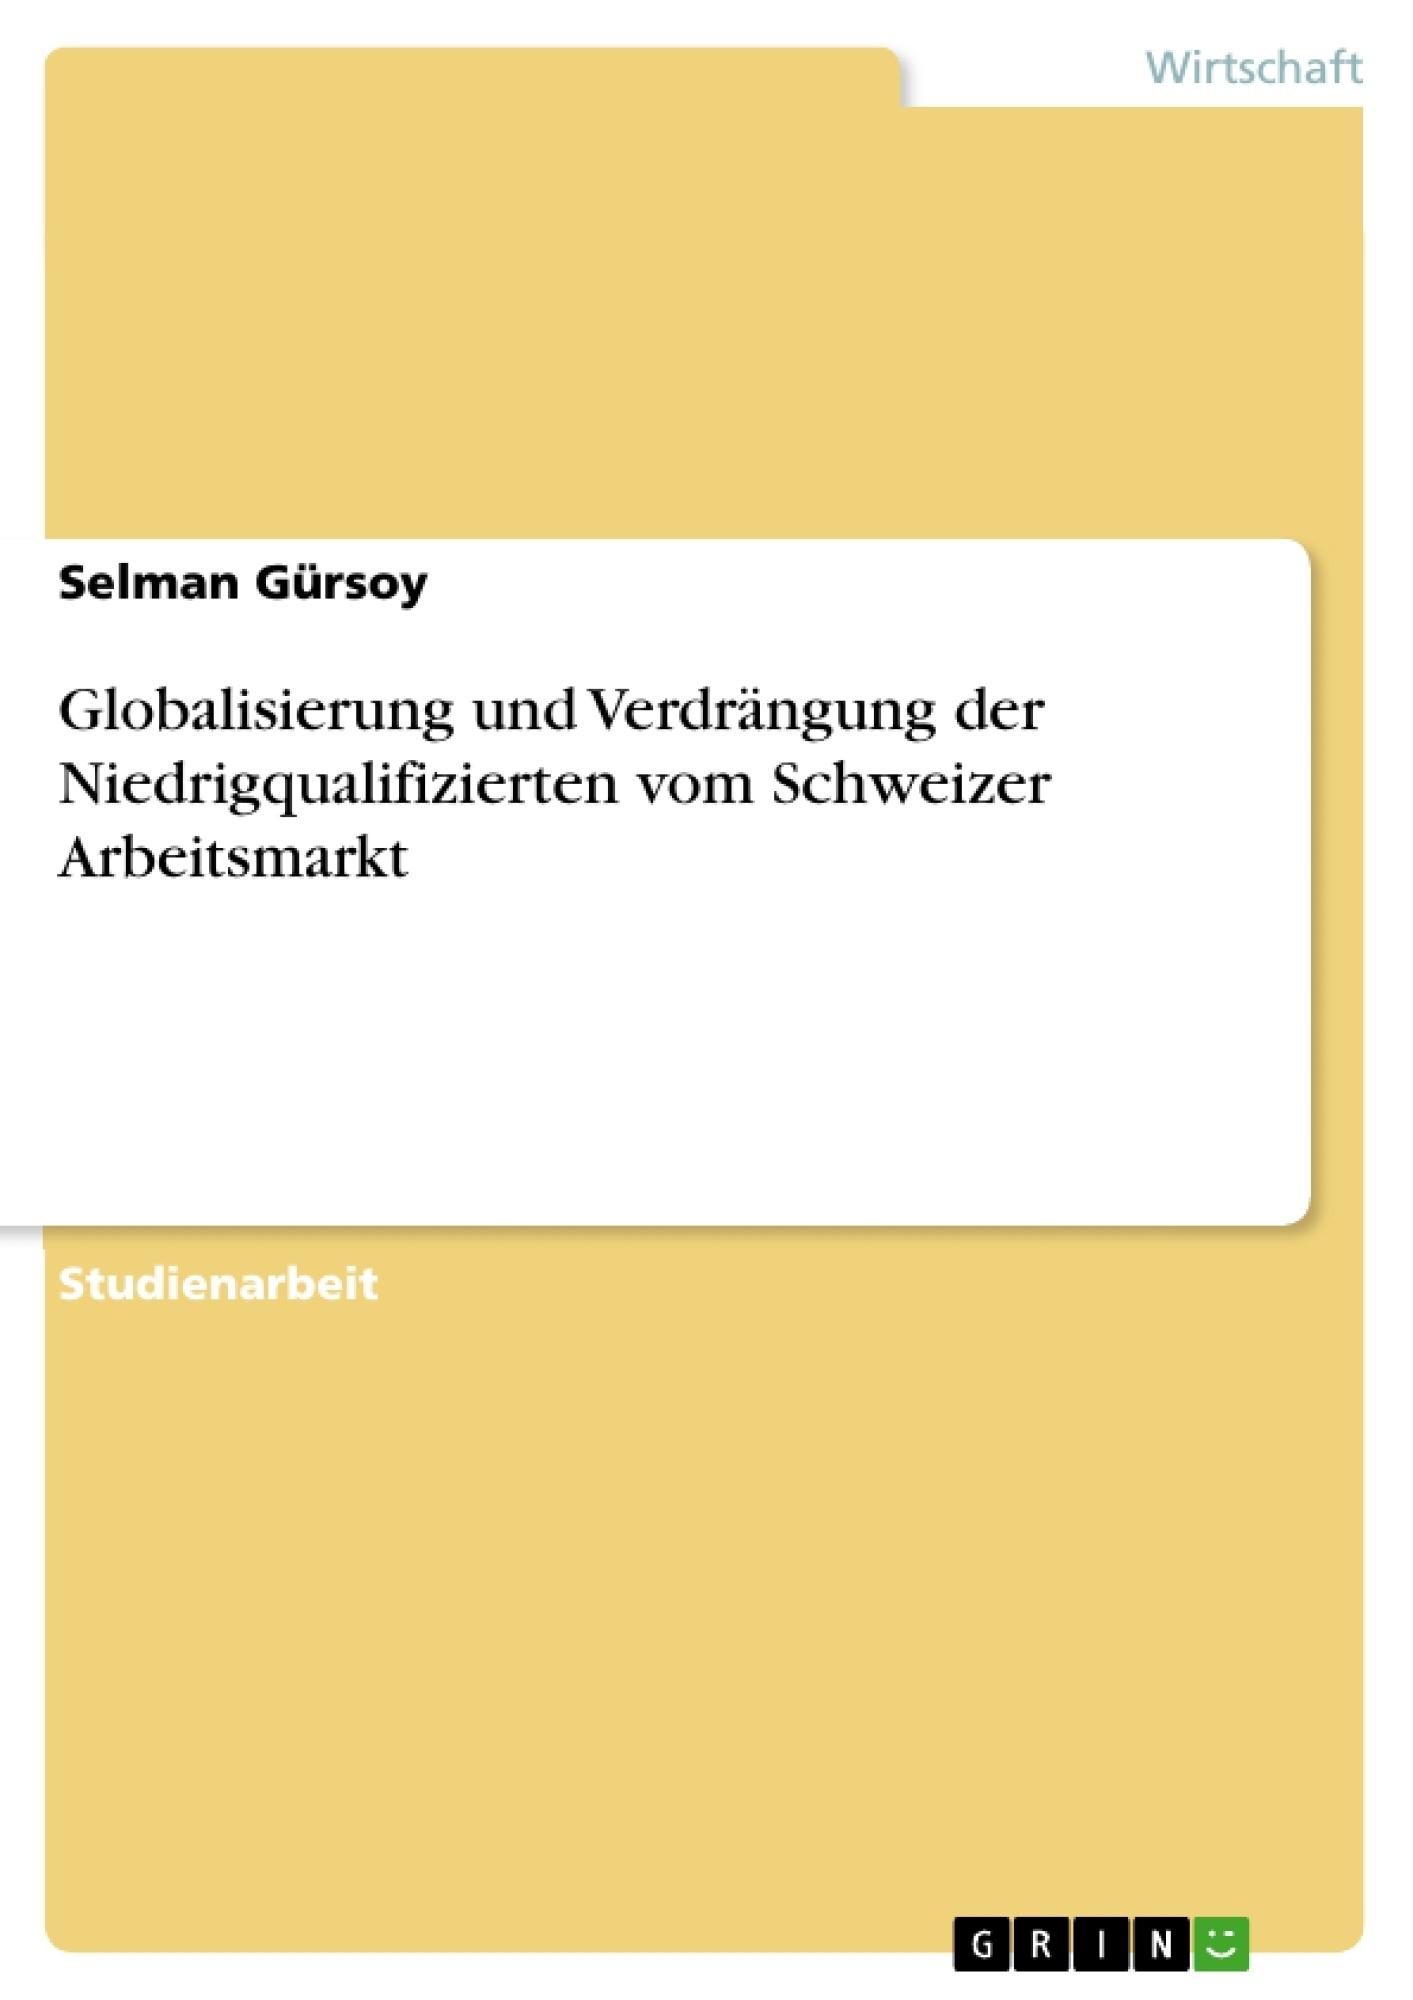 Titel: Globalisierung und Verdrängung der Niedrigqualifizierten vom Schweizer Arbeitsmarkt